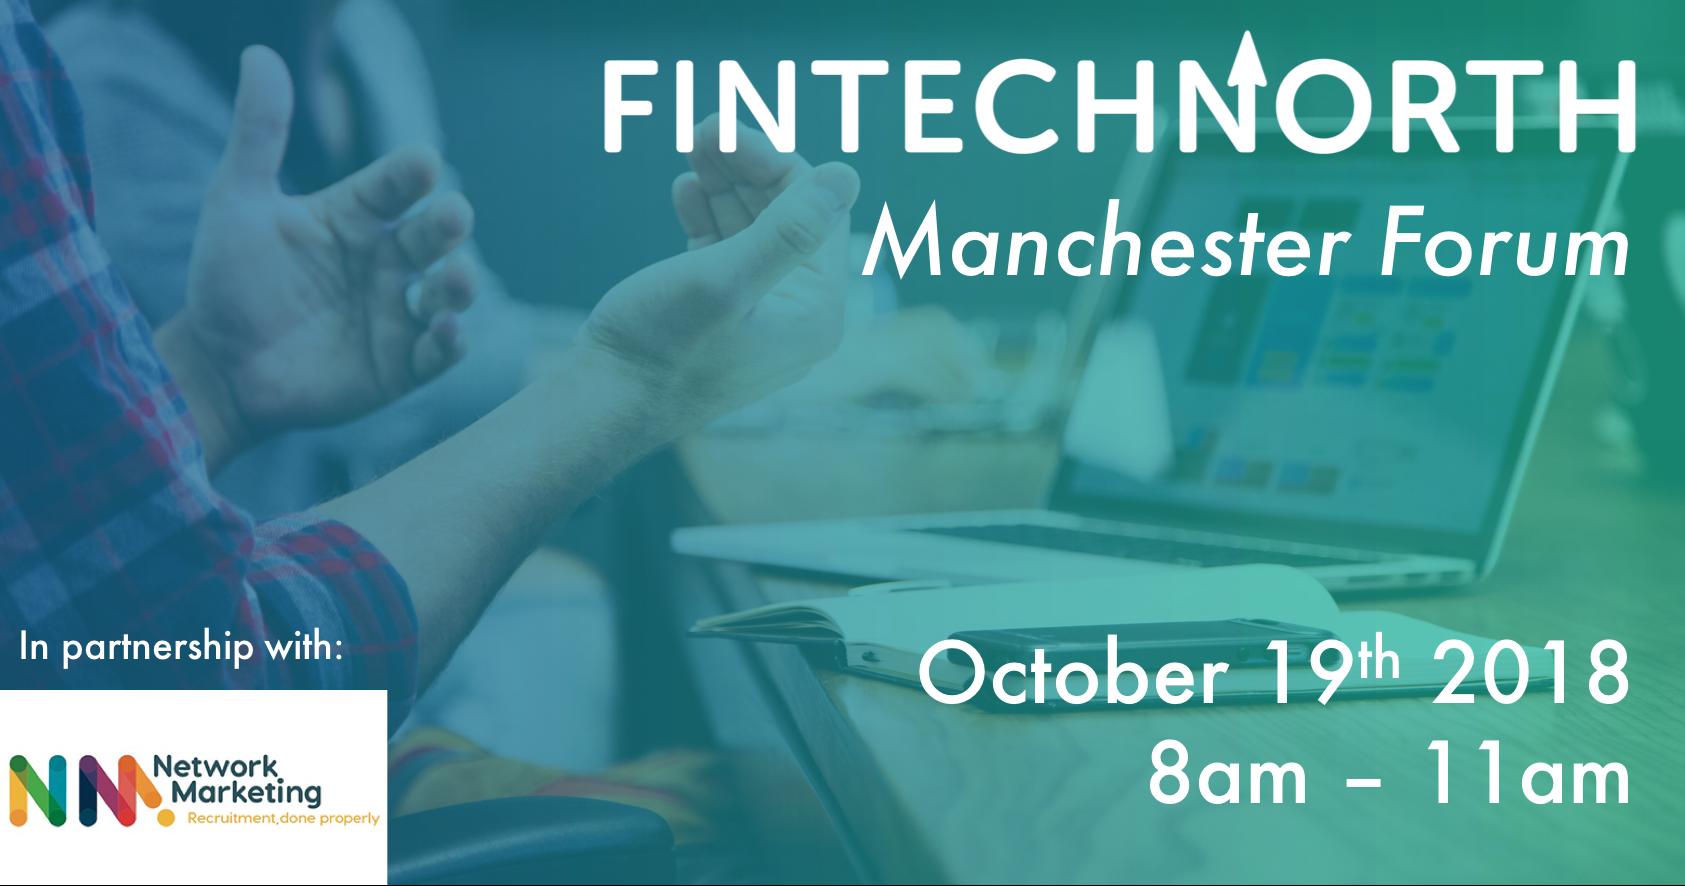 FinTech North Manchester Forum